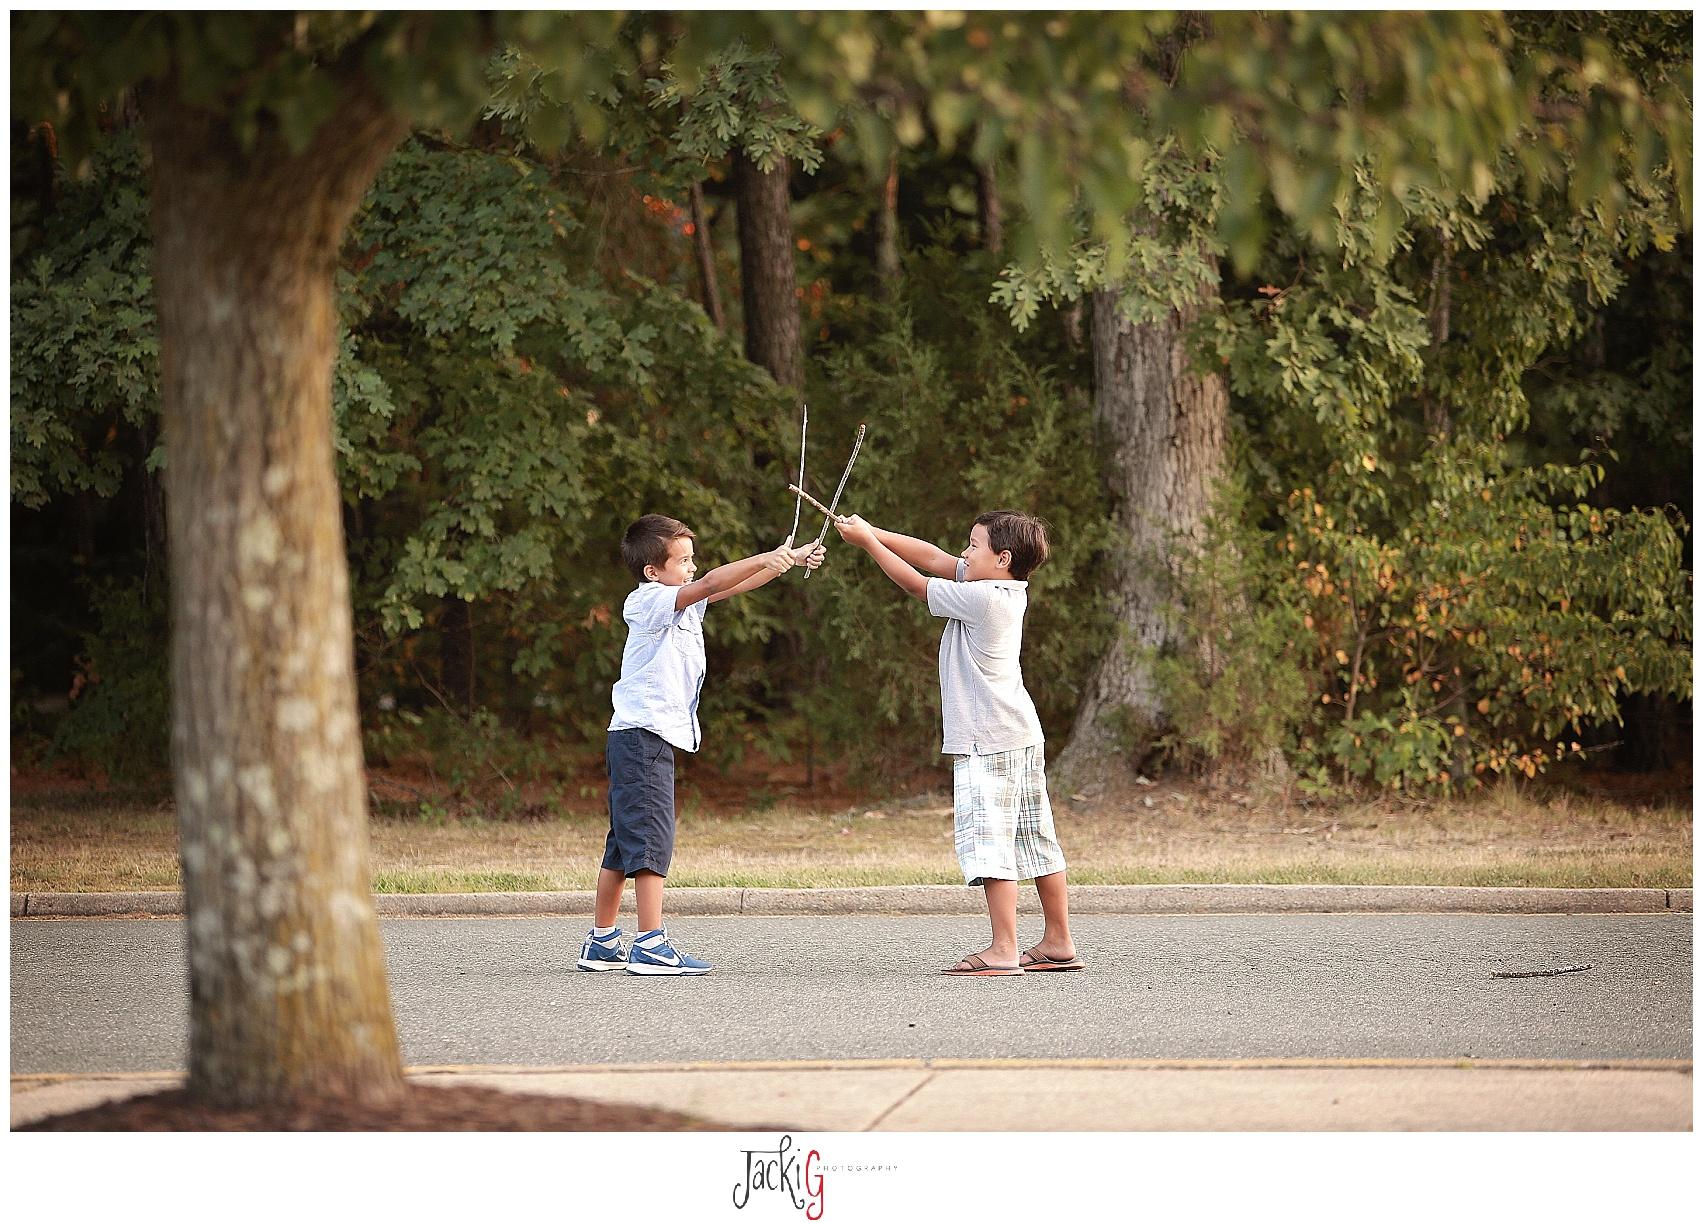 #swordfights #brothers #jackigphotography